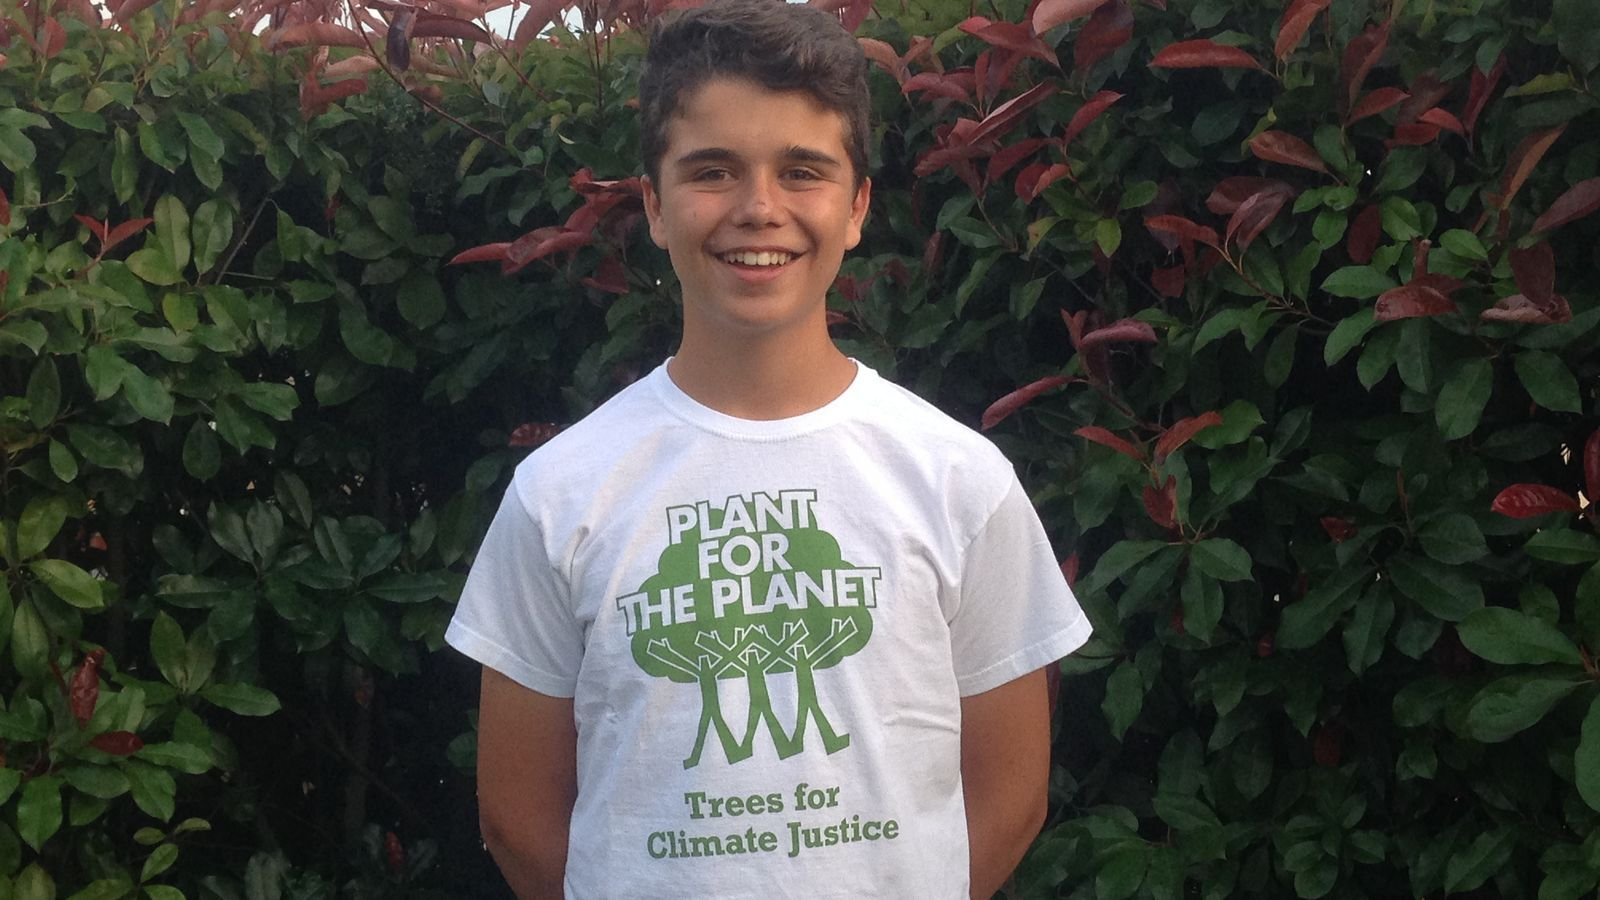 La carta de Colau en resposta a un noi de 14 anys, Ferran Tubert, que va denunciar la contaminació dels creuers a la ciutat